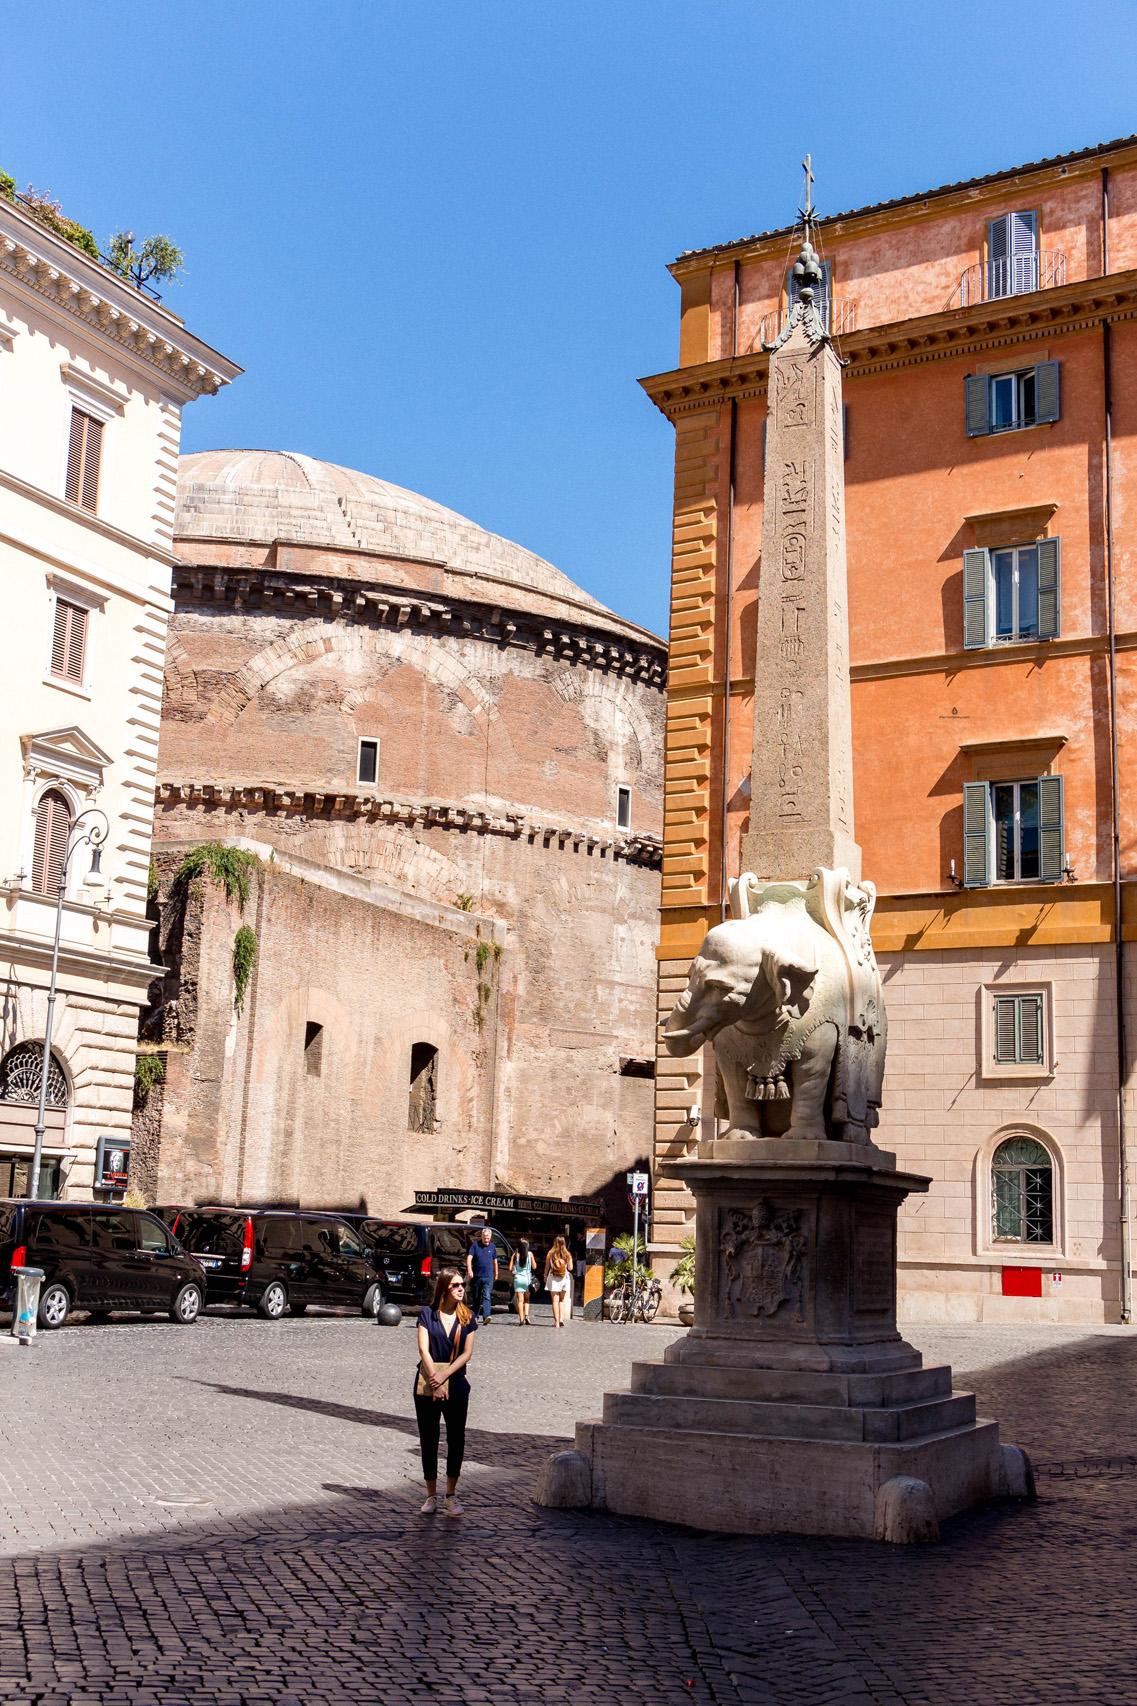 Bernini's Elephant sculpture, Rome